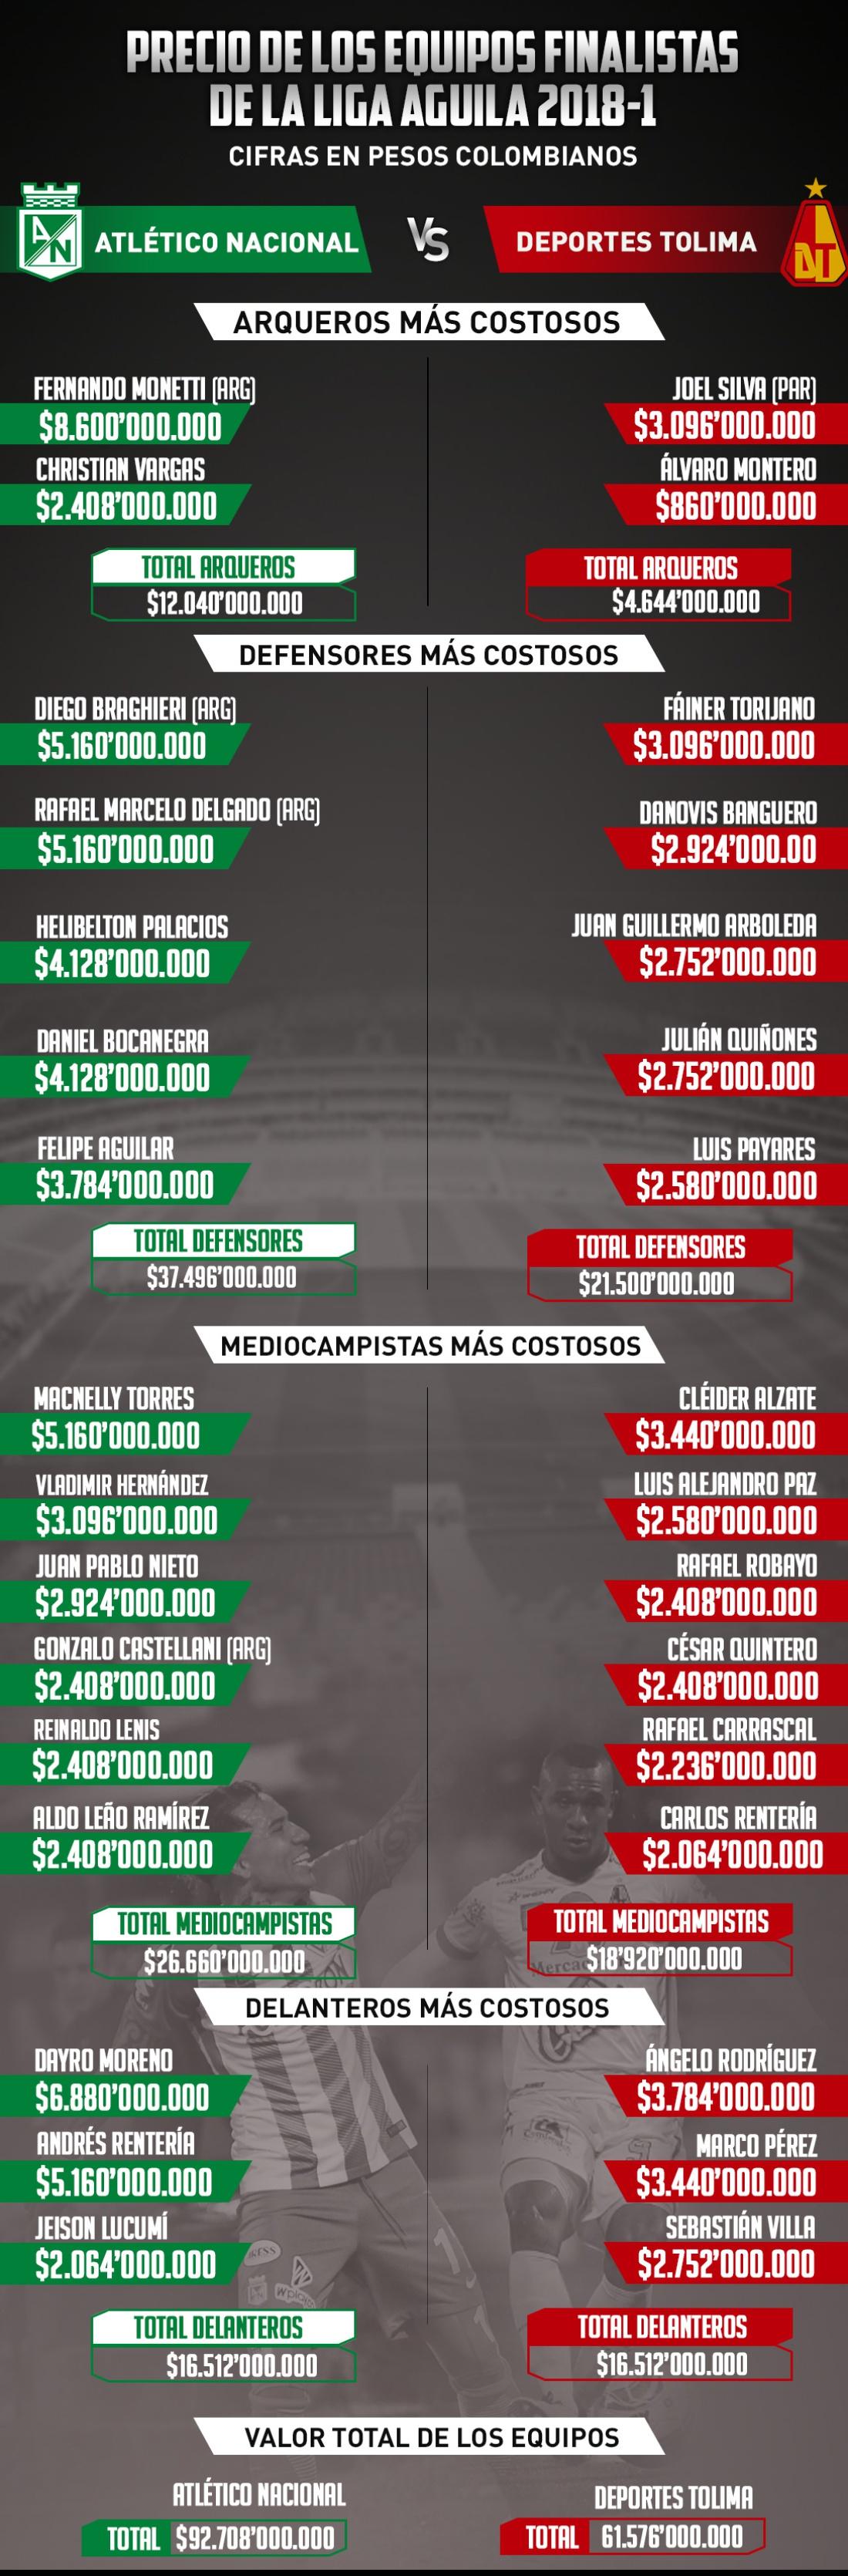 Liga Águila final Nacional Tolima: Peso por peso: el valor de las nóminas de Nacional y Tolima